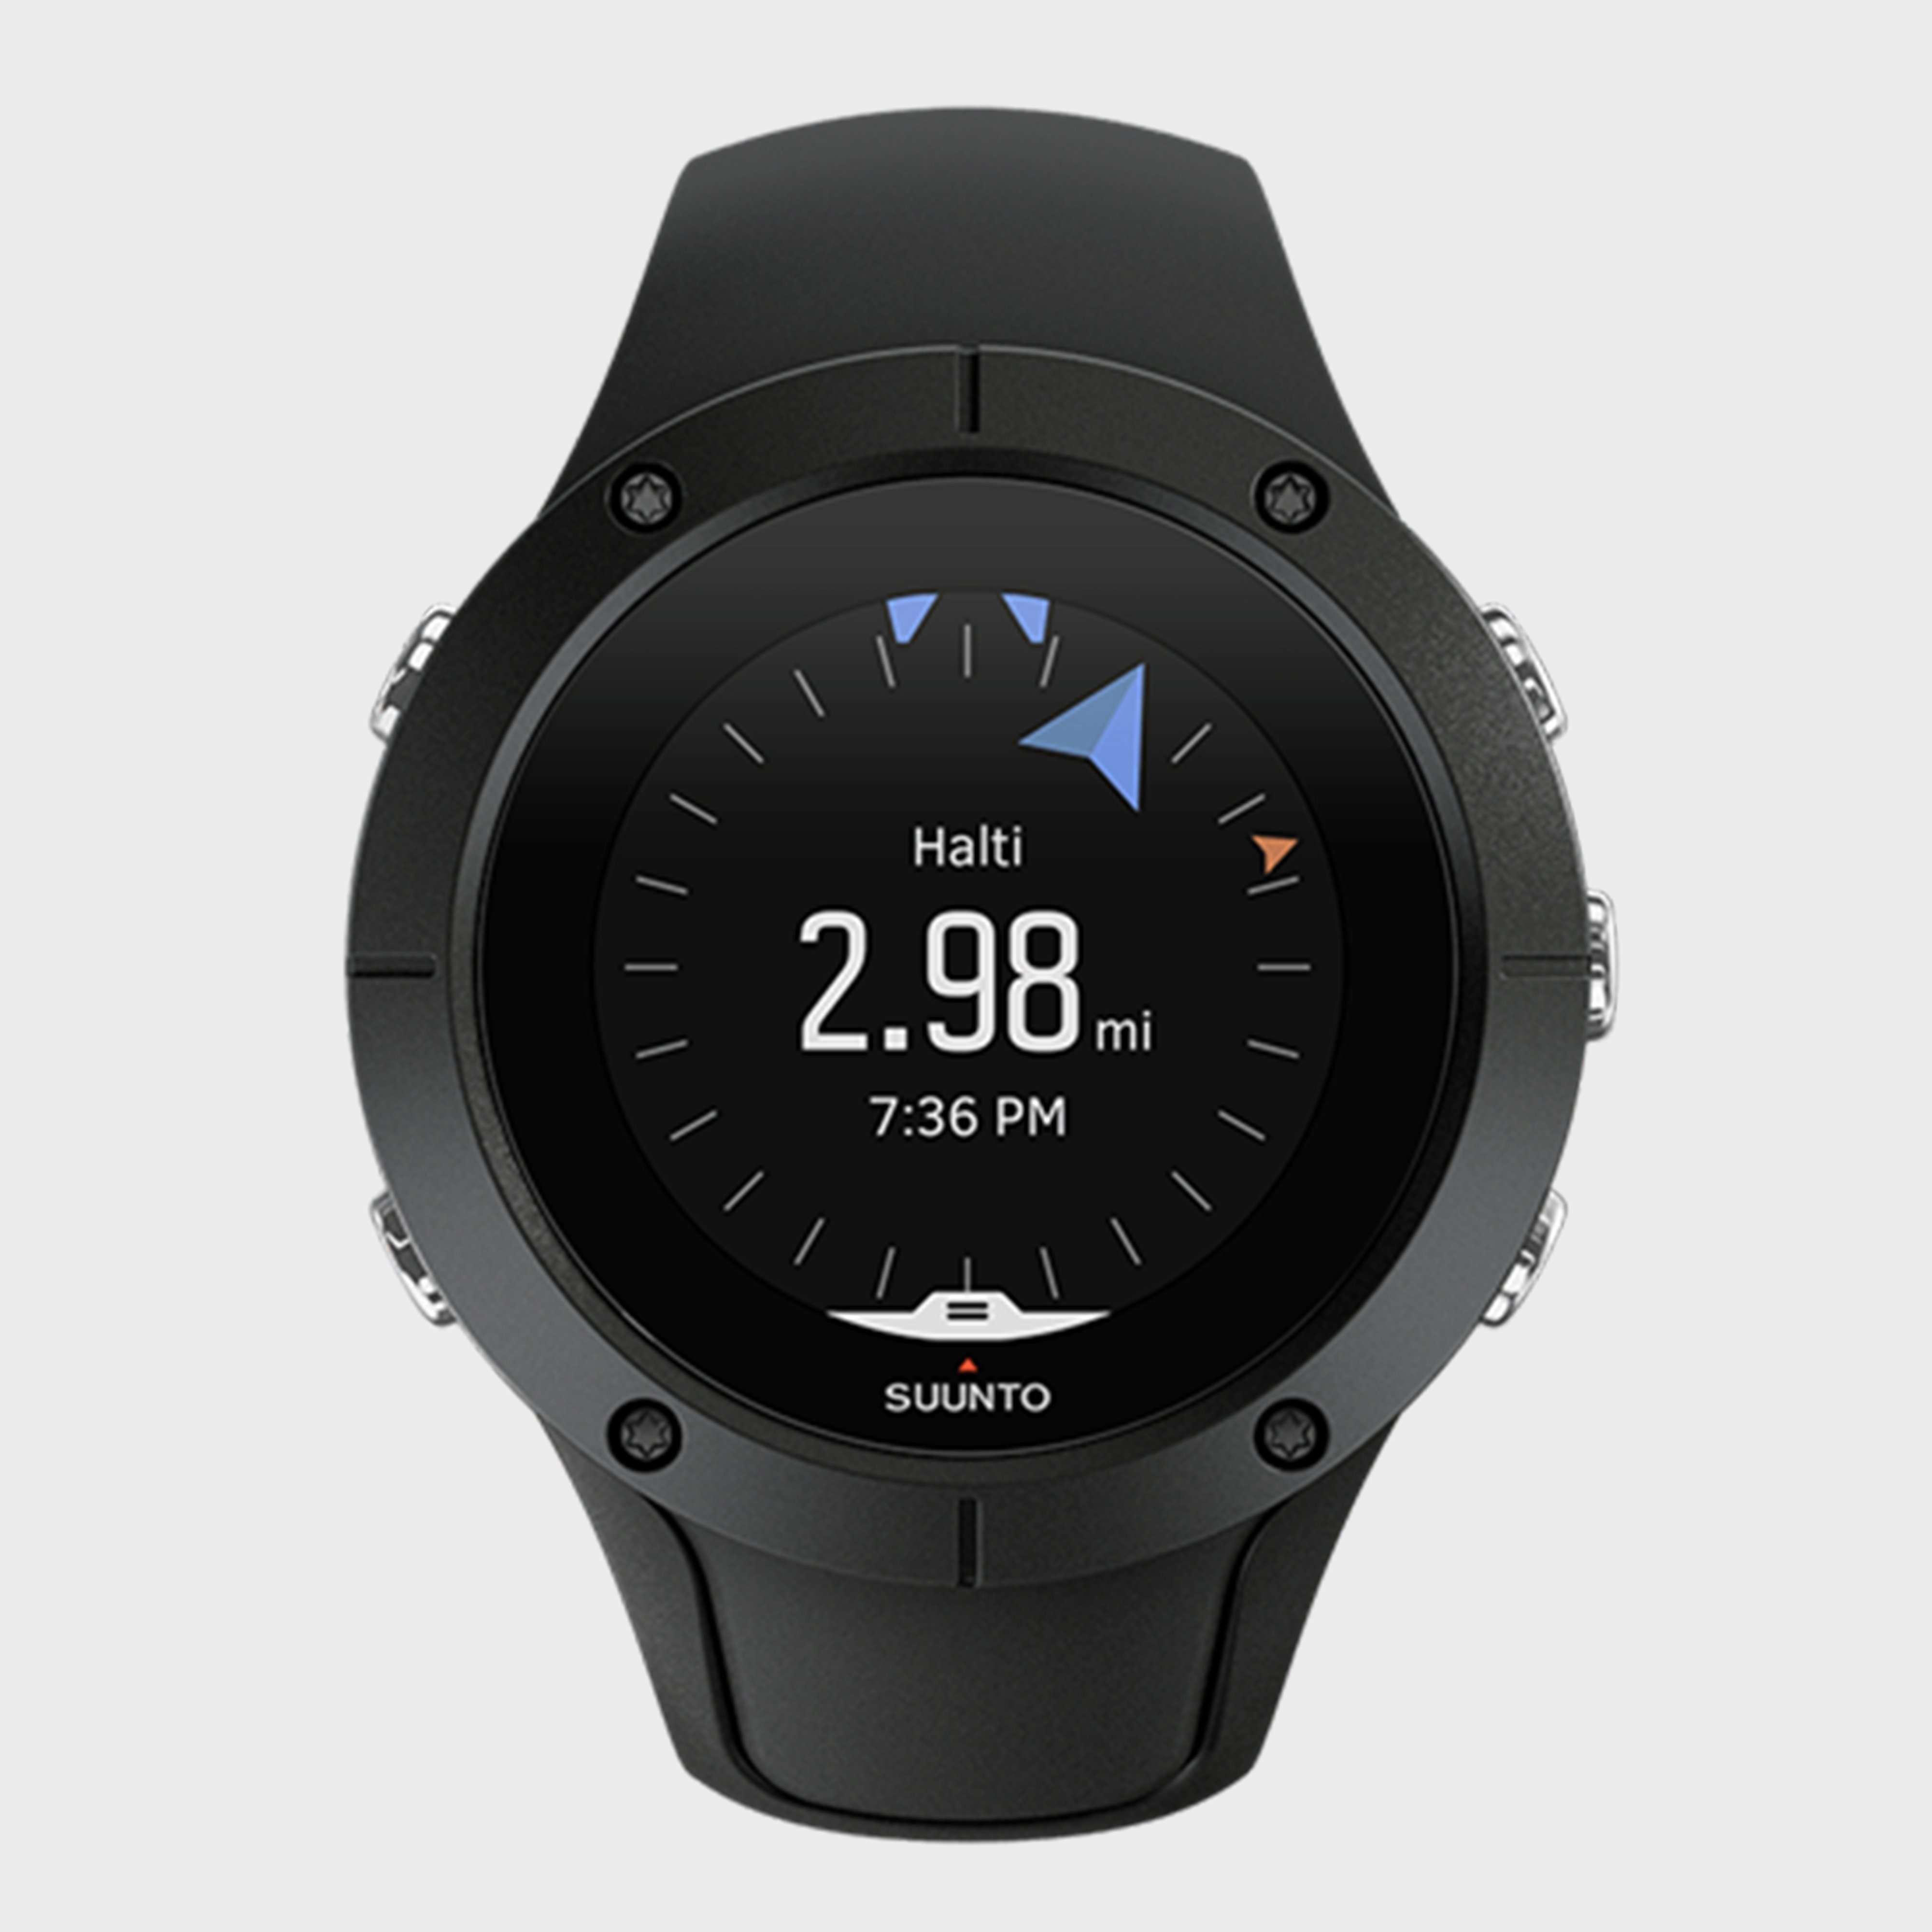 SUUNTO Spartan Trainer Wrist HR Watch